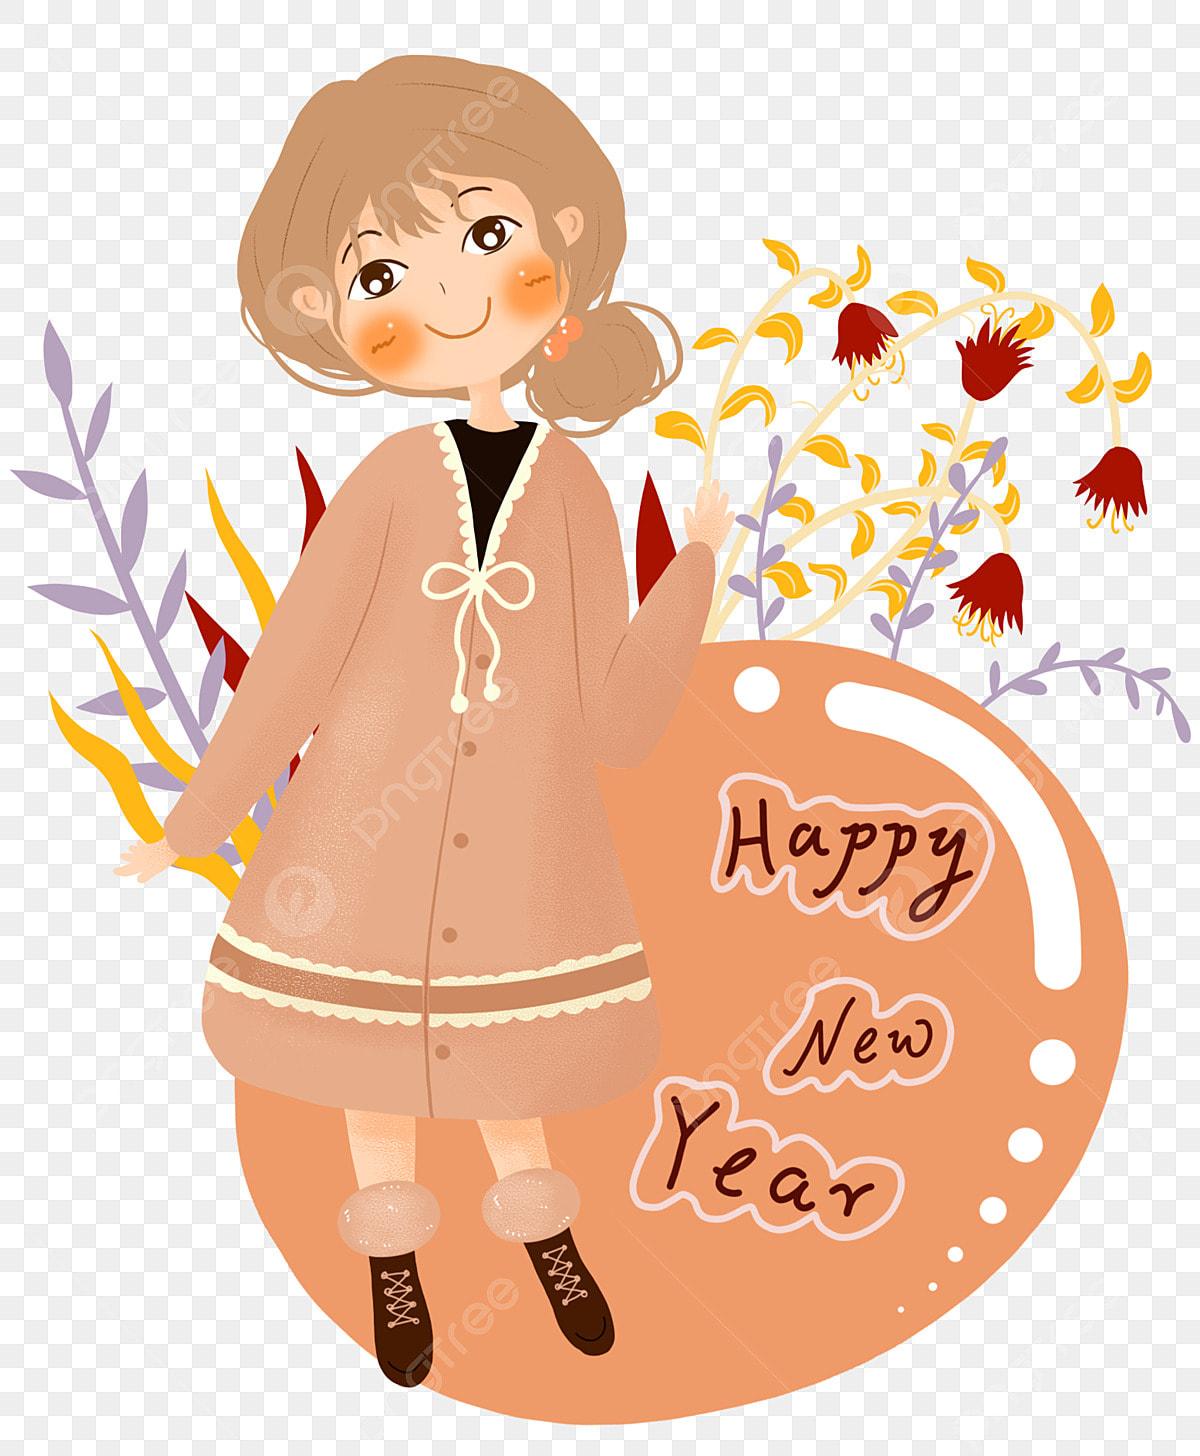 新年手描き女の子新年あけましておめでとうございます女の子イラスト ピンクの服 植物 植物イラスト画像とpsd素材ファイルの無料 ダウンロード Pngtree